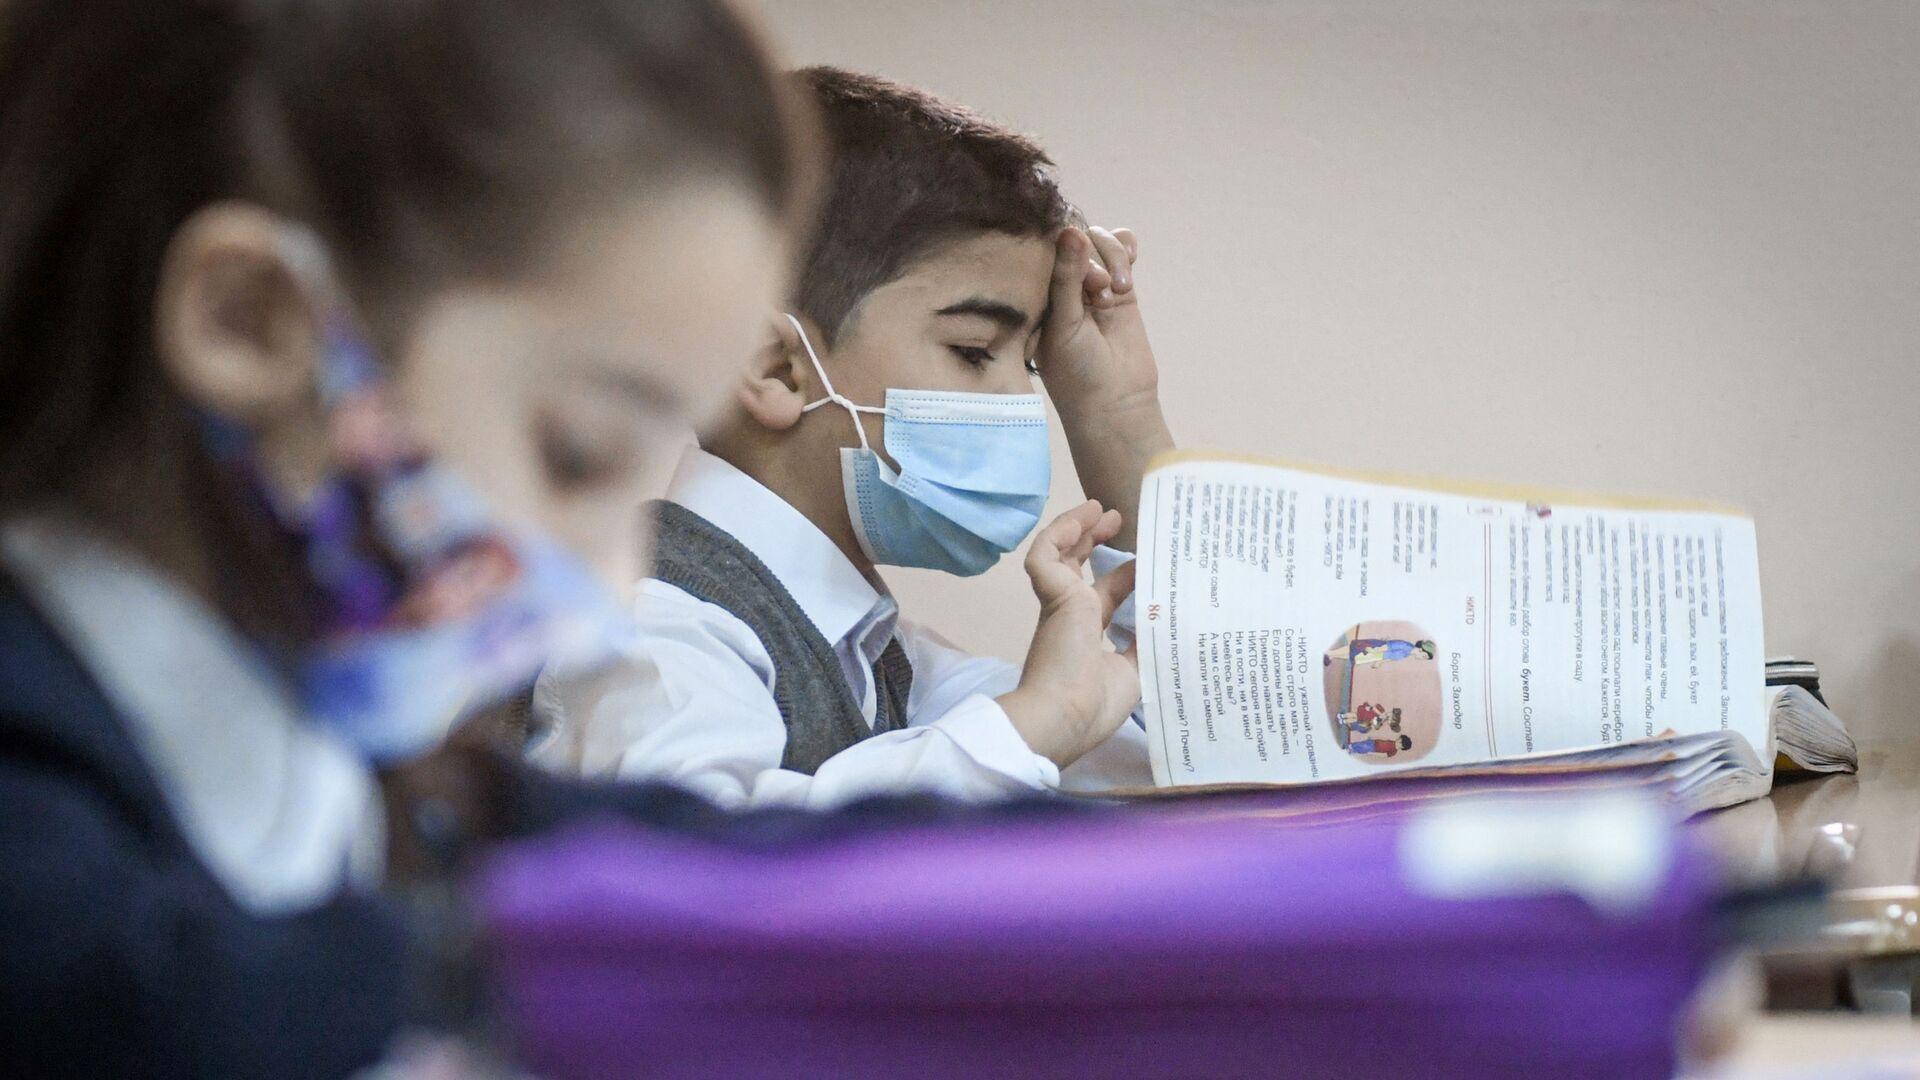 Возобновление очных занятий в бакинских школах, 1 февраля 2021 года - Sputnik Азербайджан, 1920, 27.08.2021